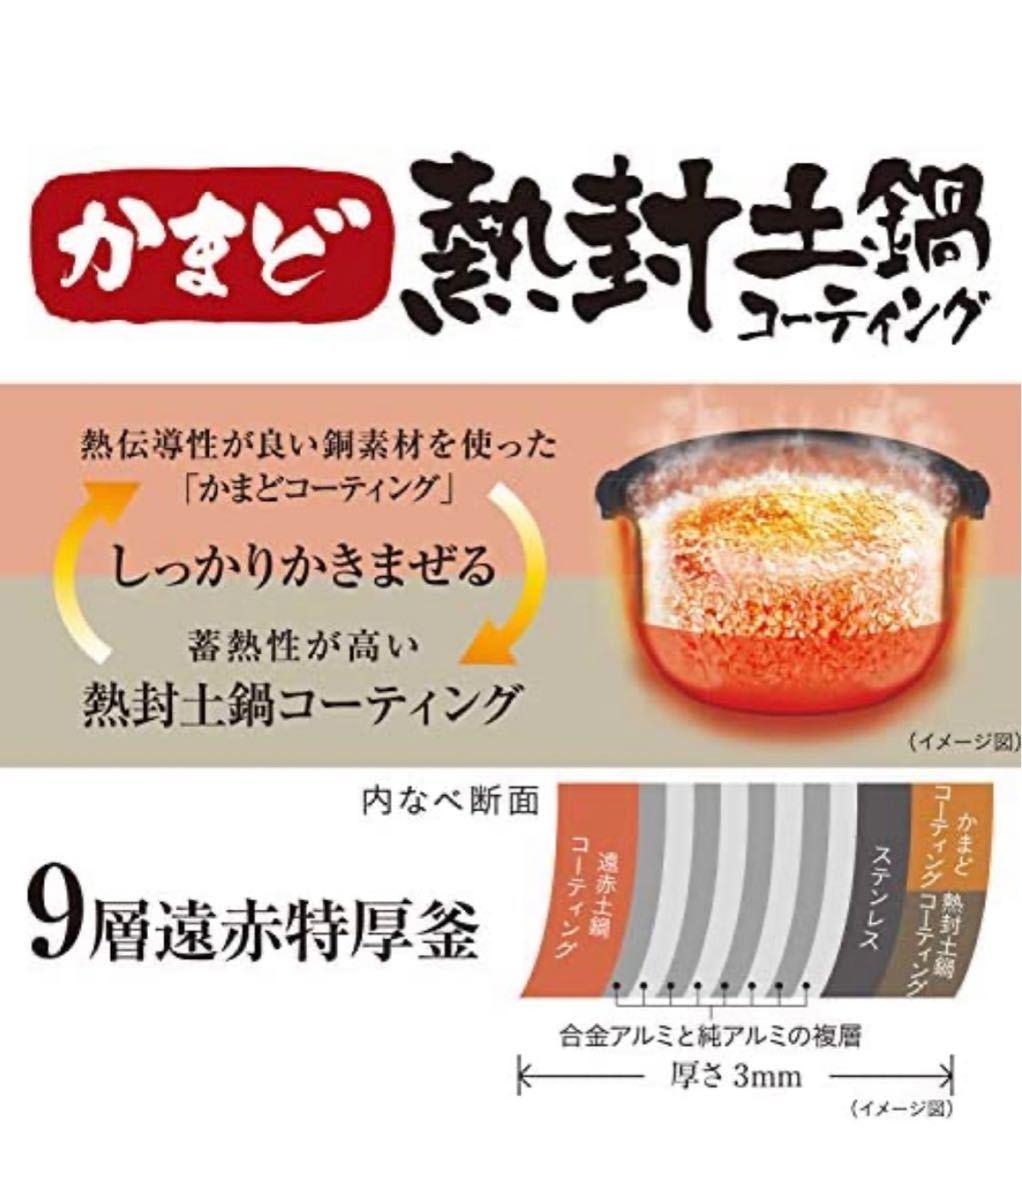 炊飯器ごはん 5.5合 タイガー 圧力IH JPC-G100KM モスブラック土鍋 コーティング 大麦 コンパクト おしゃれ